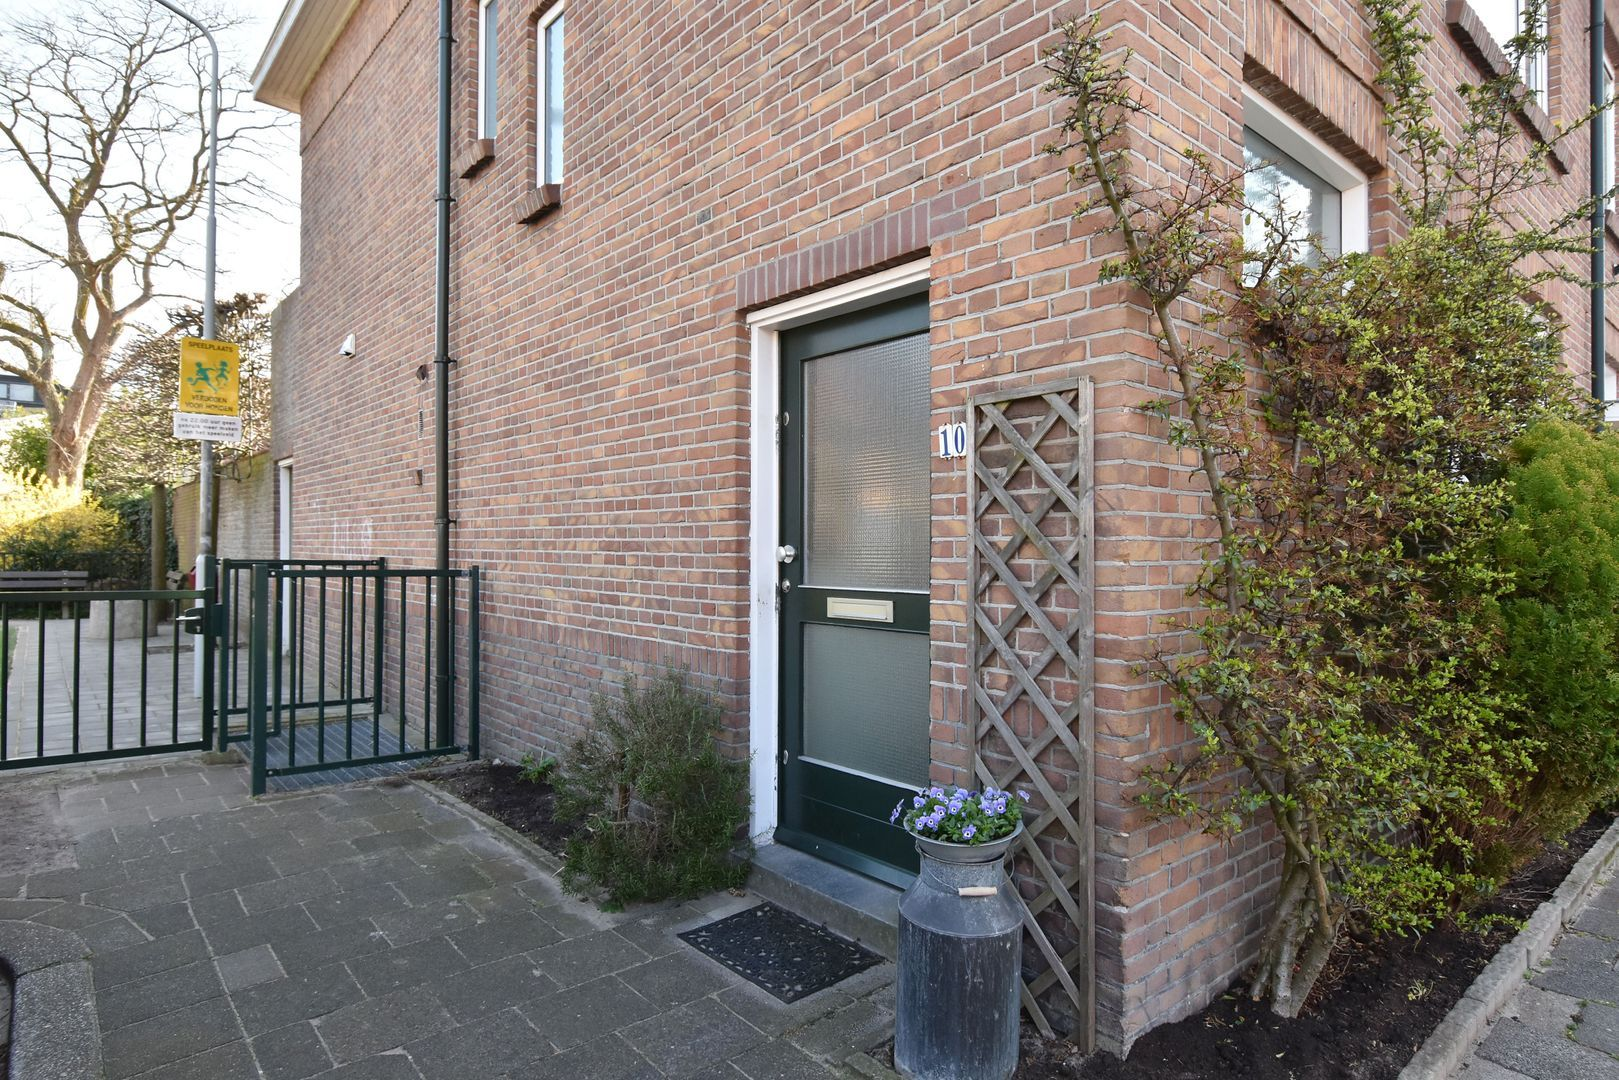 Oostvlietstraat 10, Voorburg foto-1